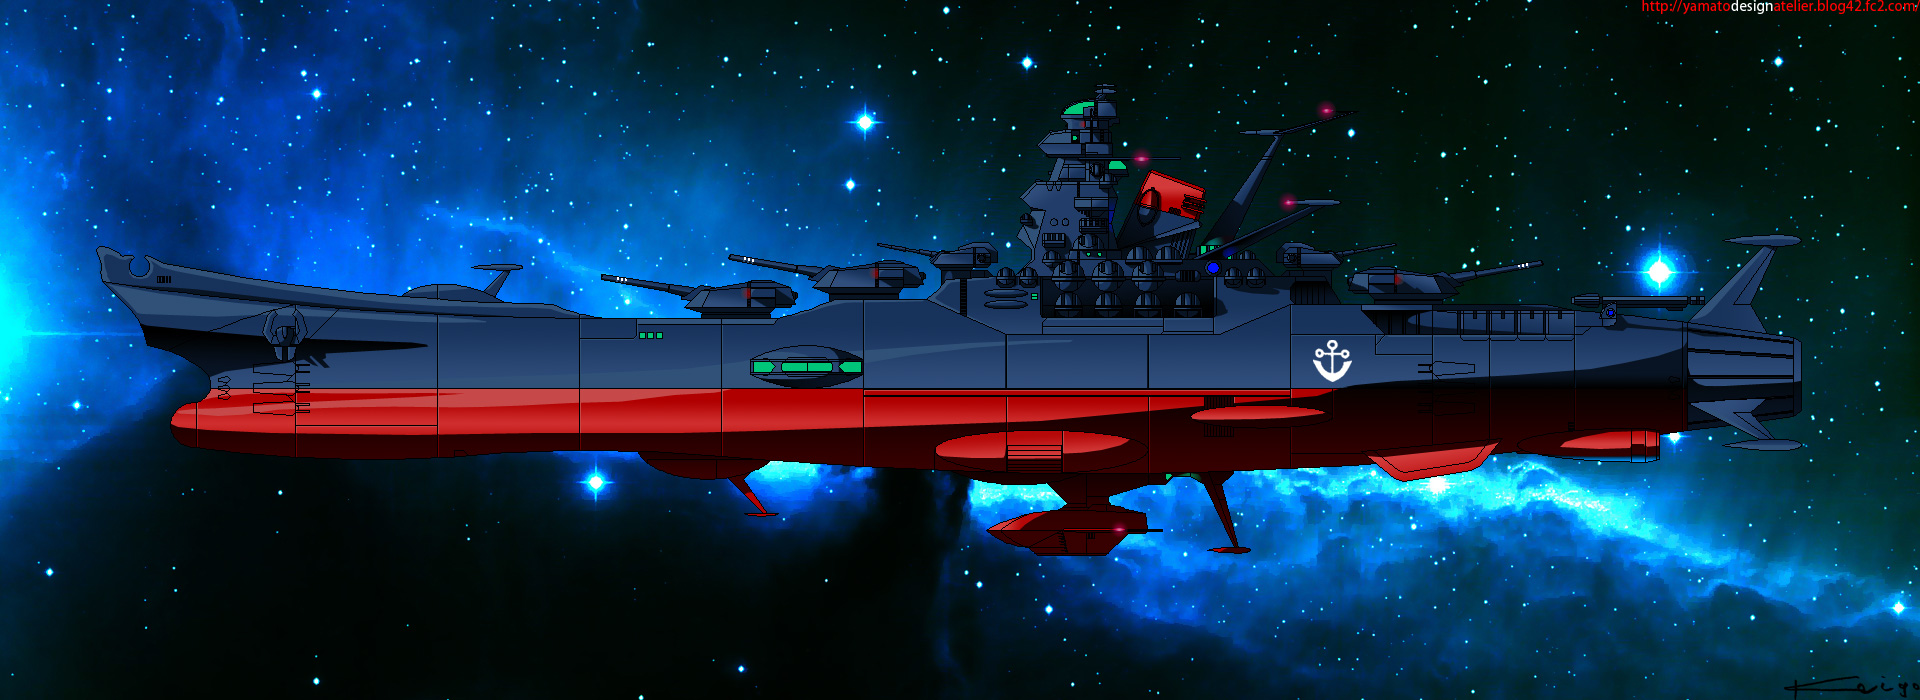 宇宙戦艦ヤマト設計室 ヤマトよ...